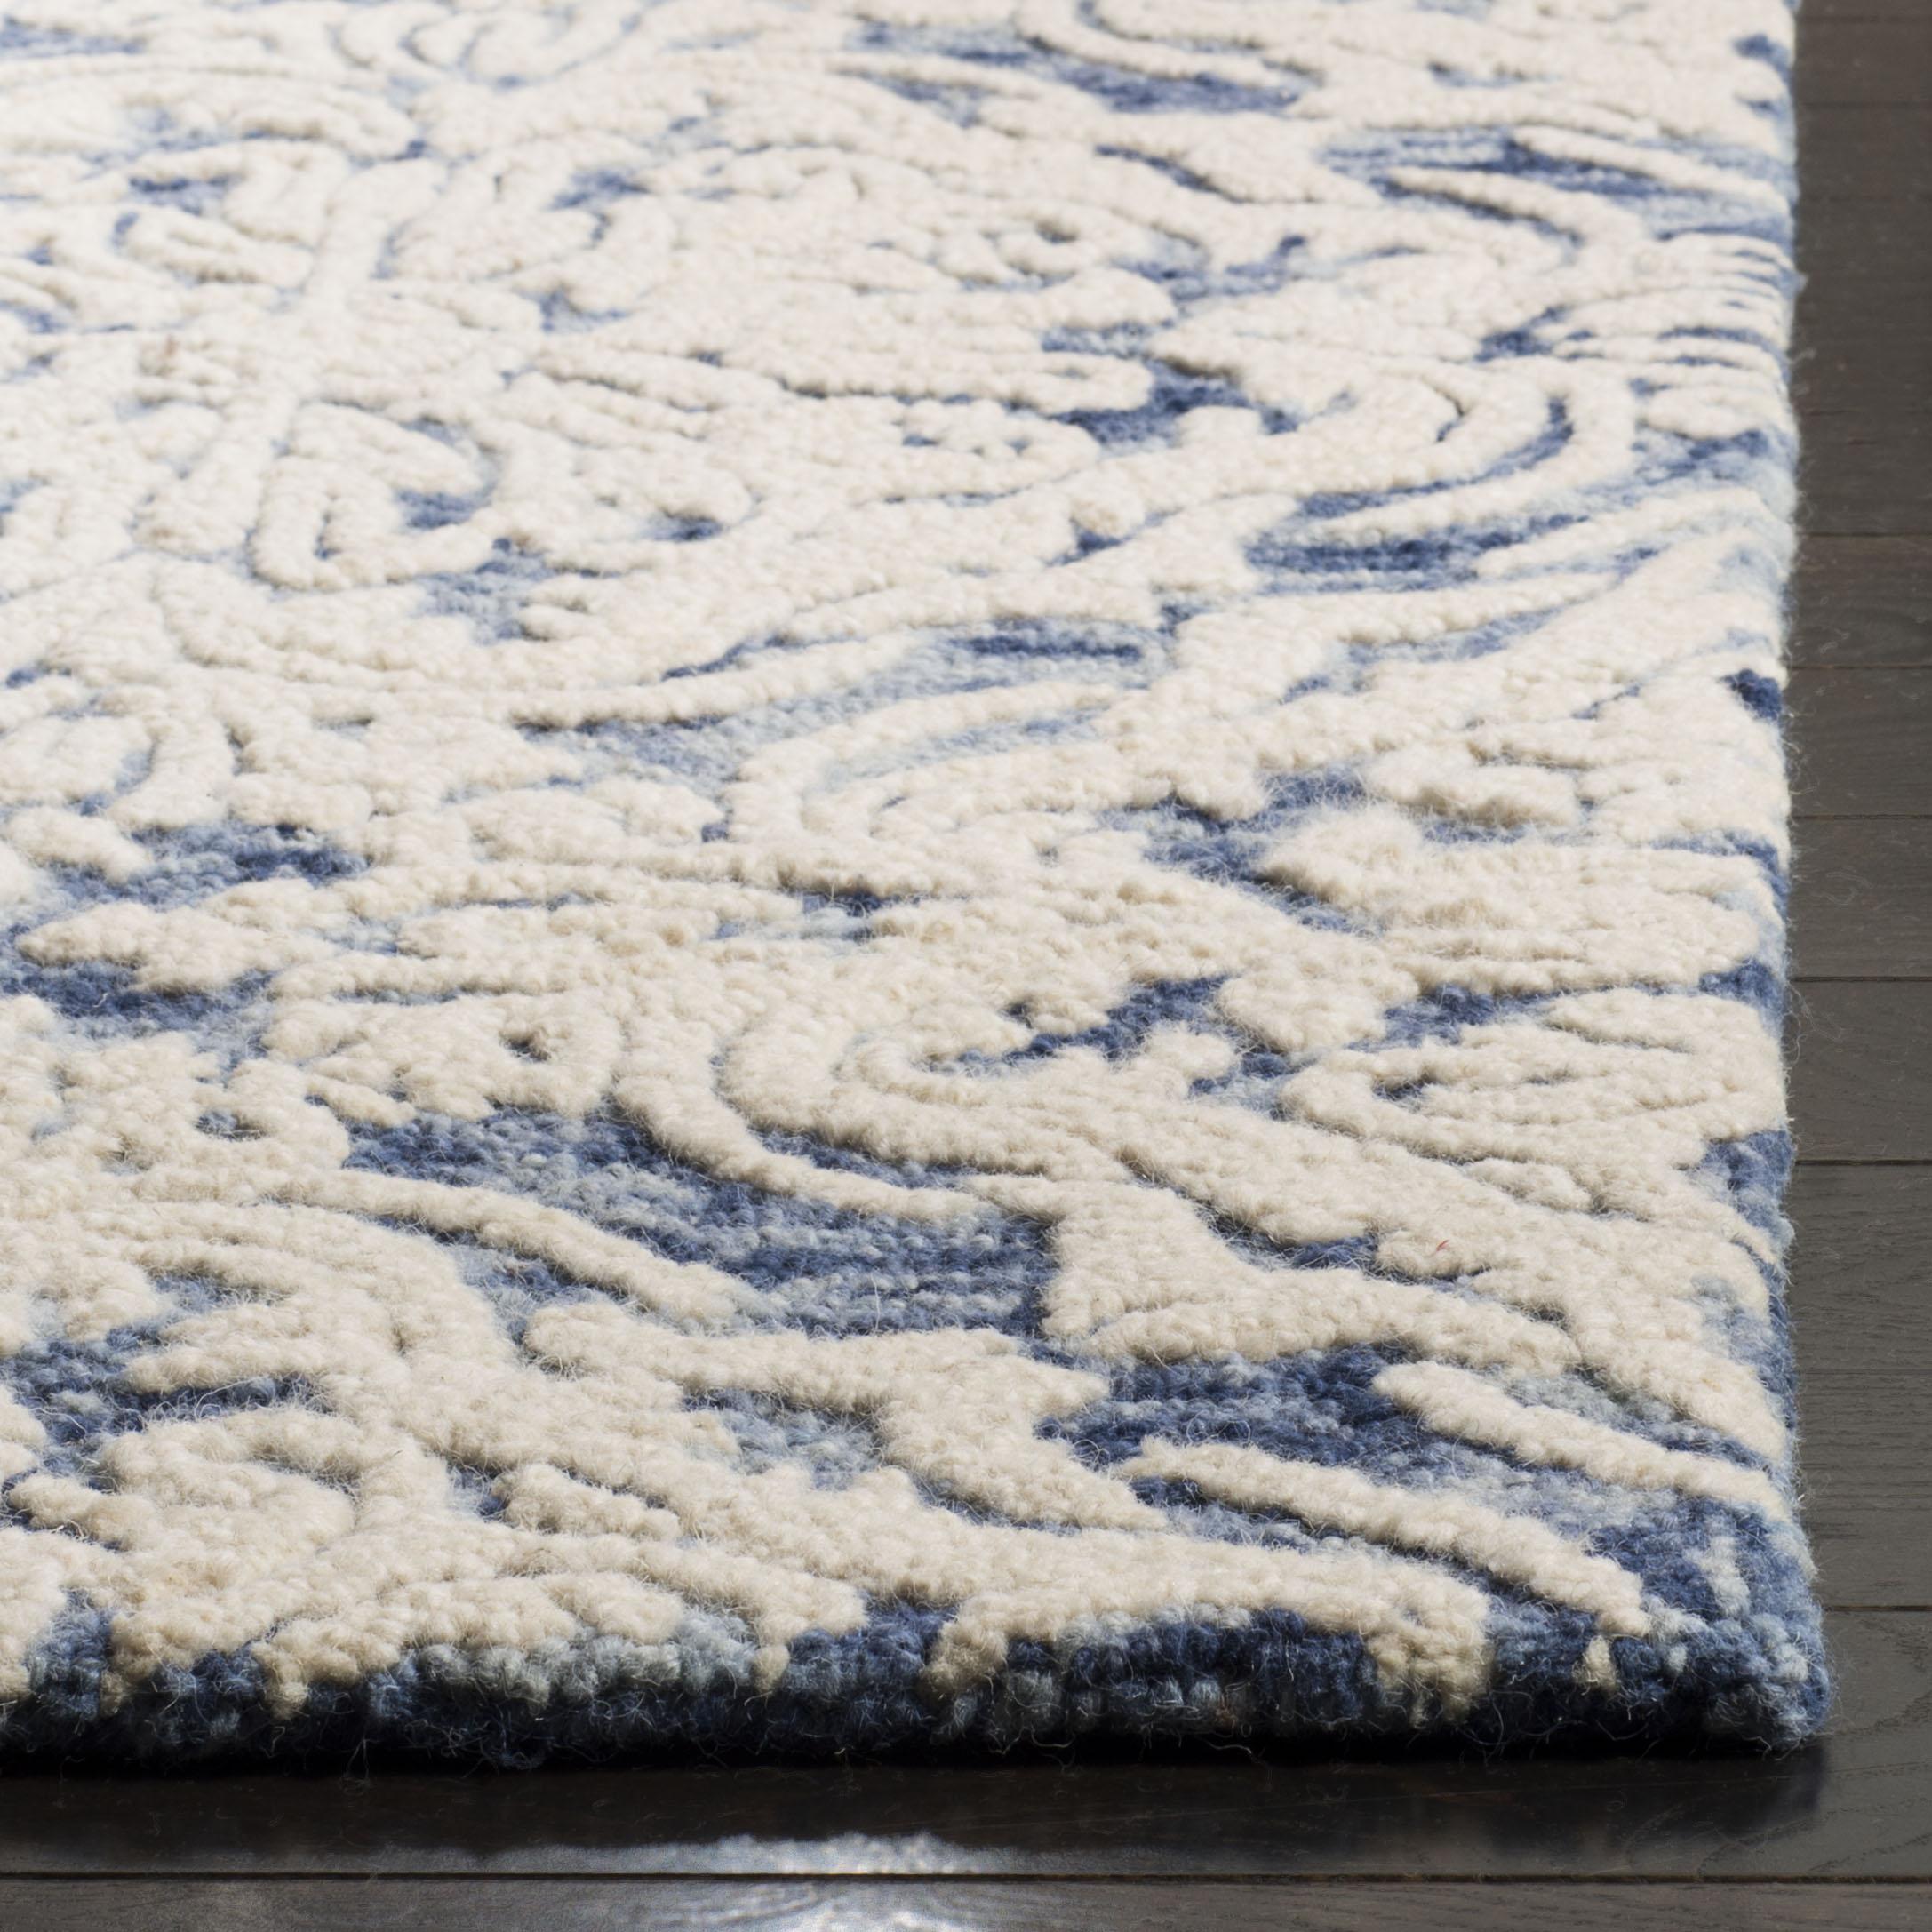 Morgan 103 9' X 12' Blue Rug